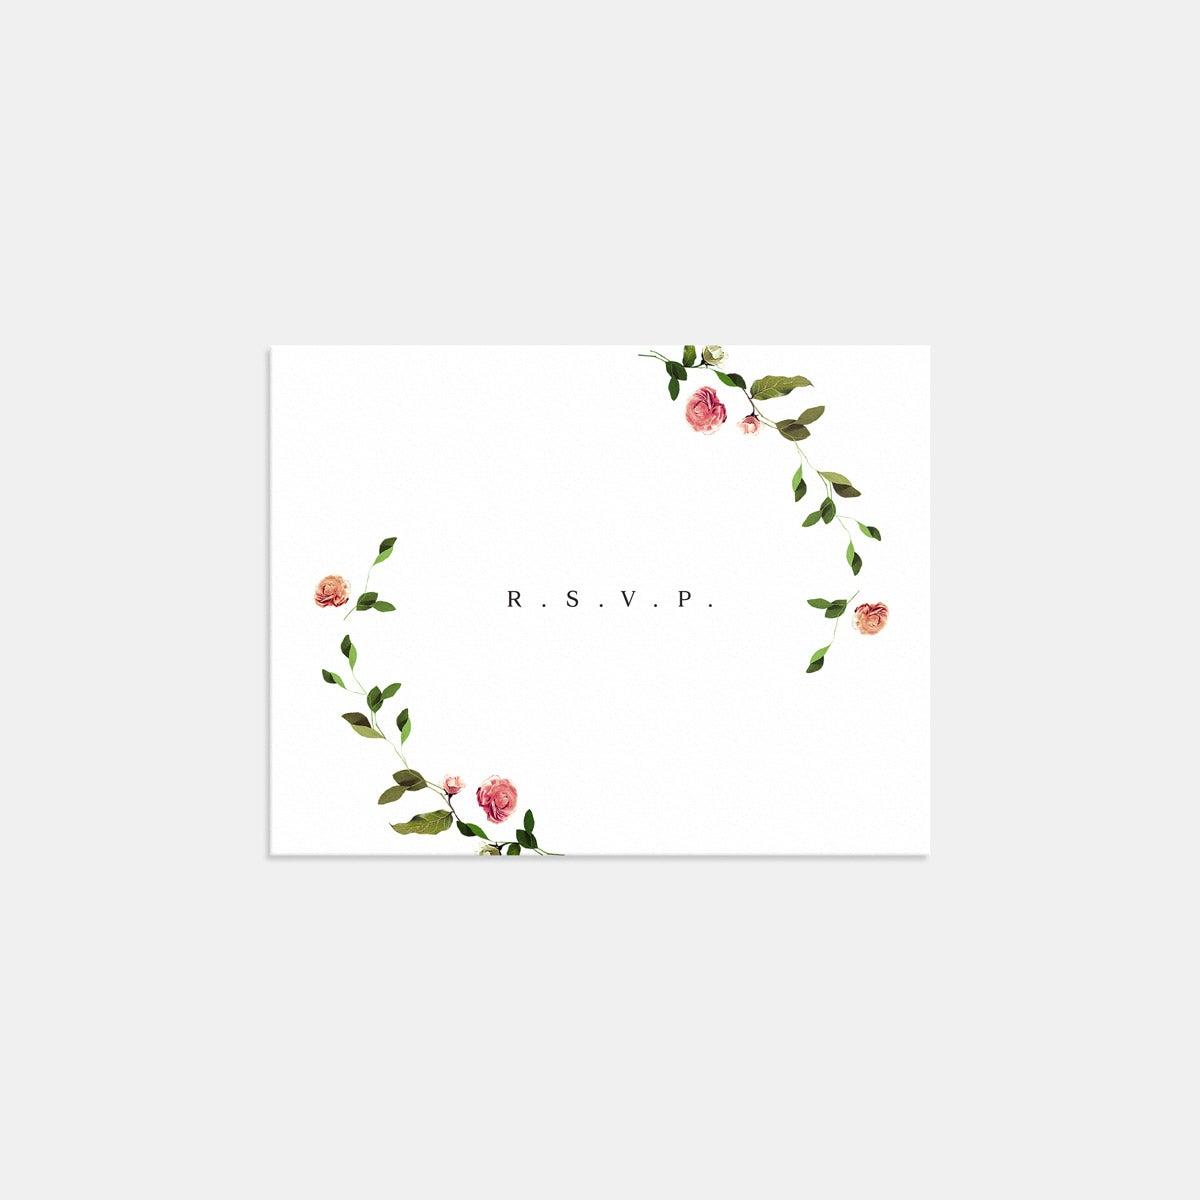 Image for Venamour Botanical RSVP Card